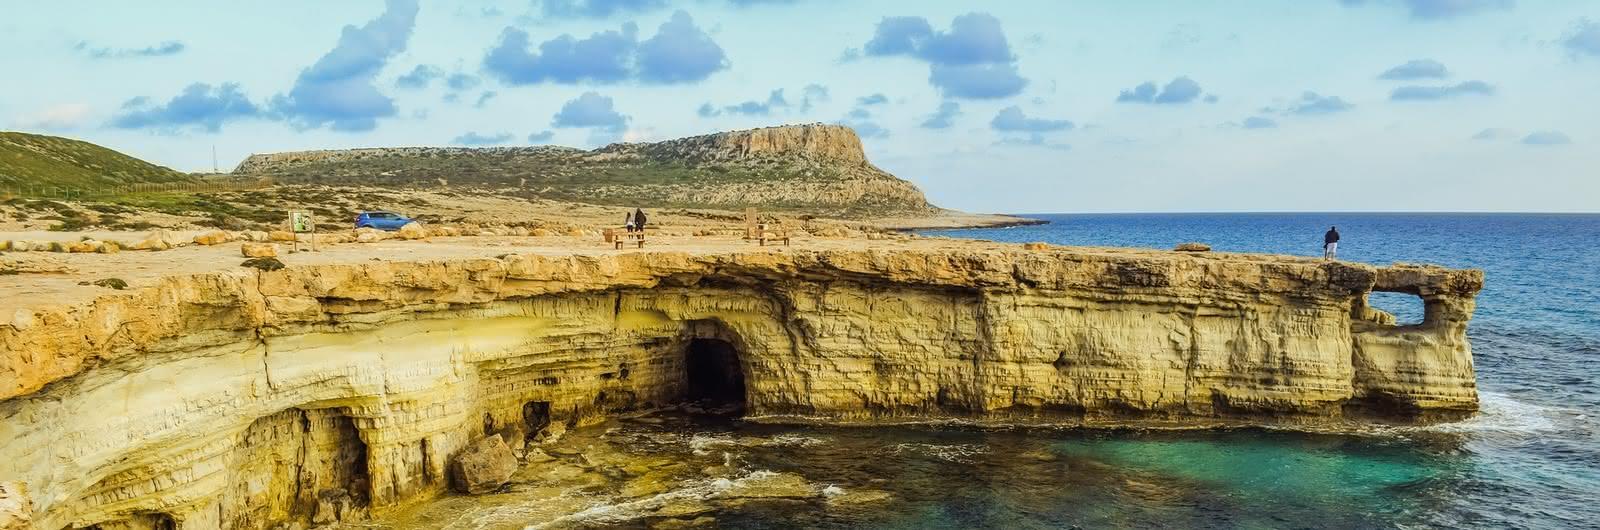 Mietwagen Zypern Grenzübertritt